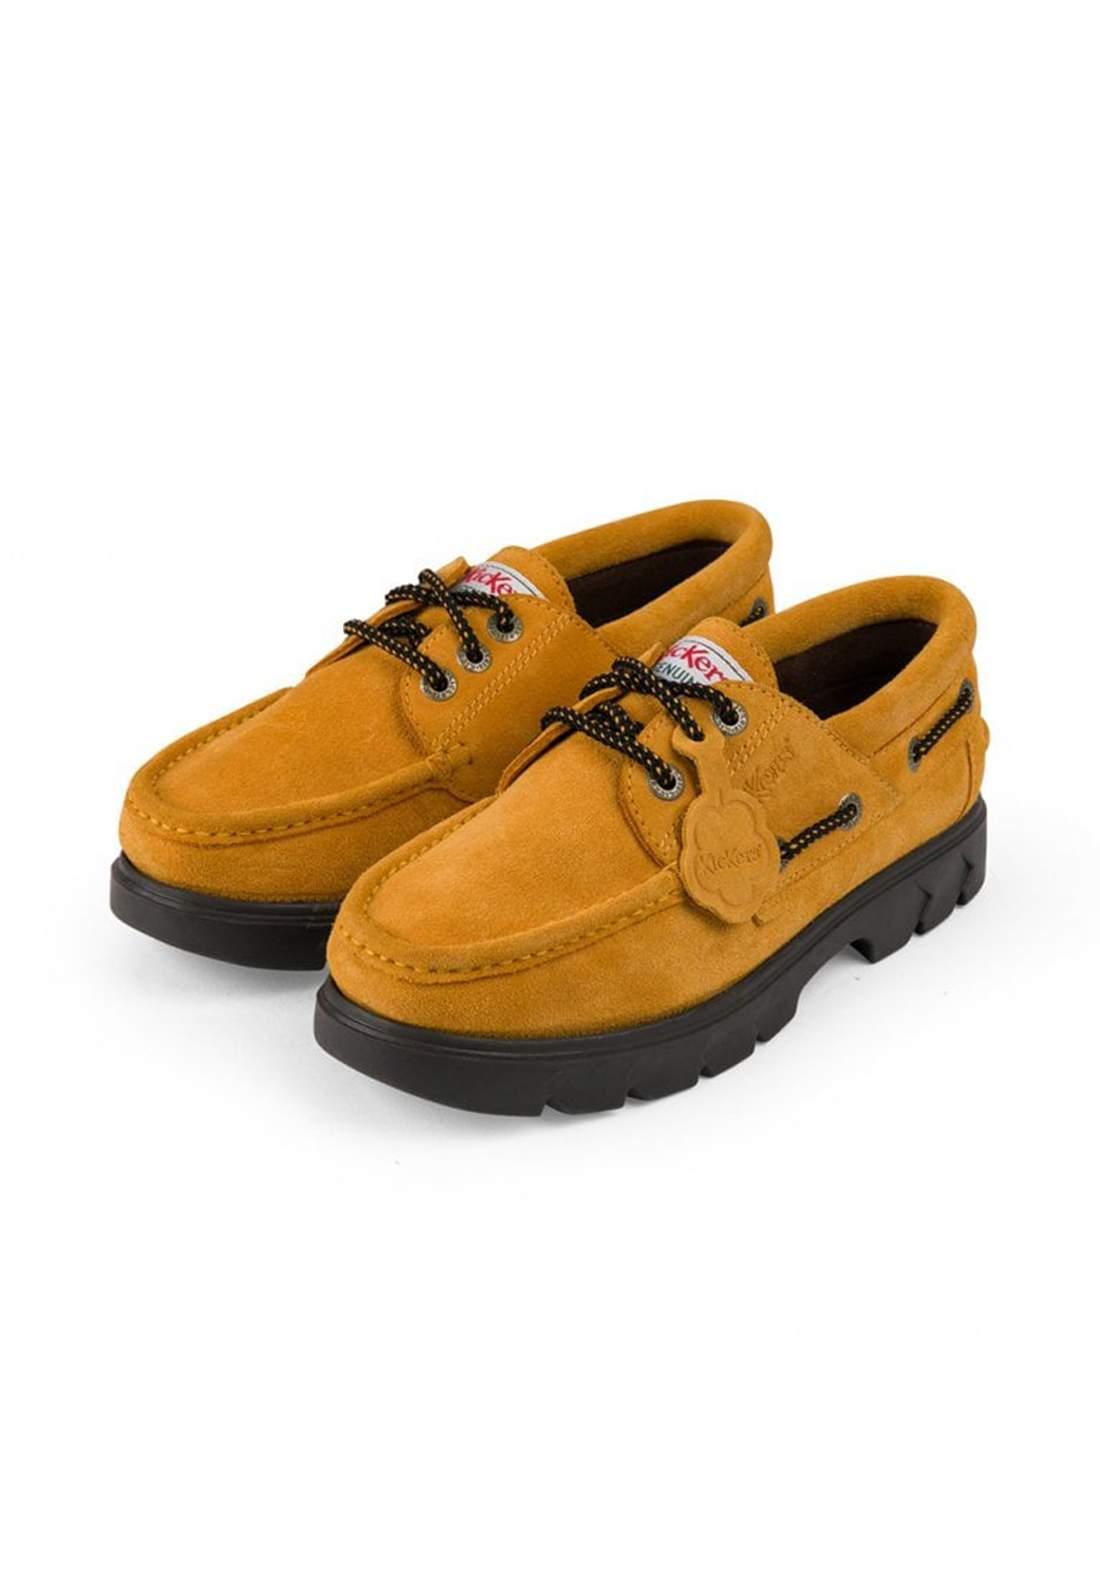 حذاء رسمي رجالي شمواه بلون خردلي